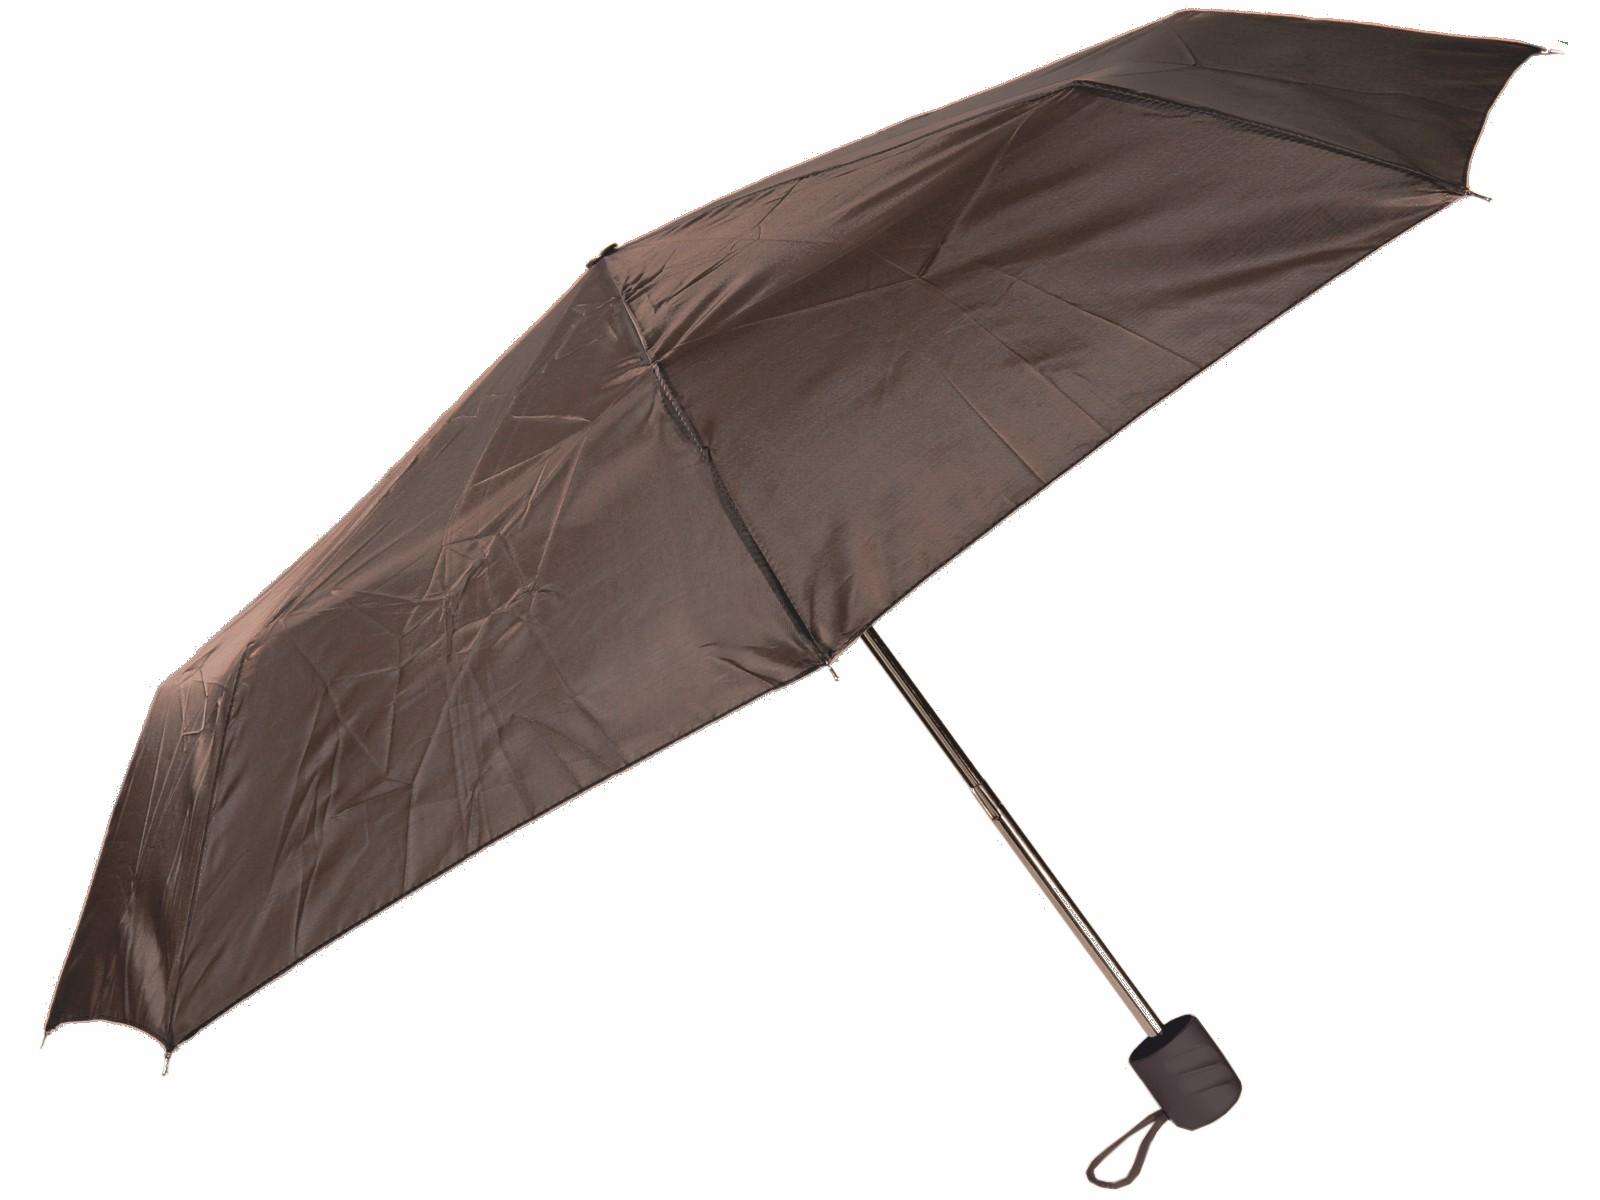 Taschen-Regenschirm Braun